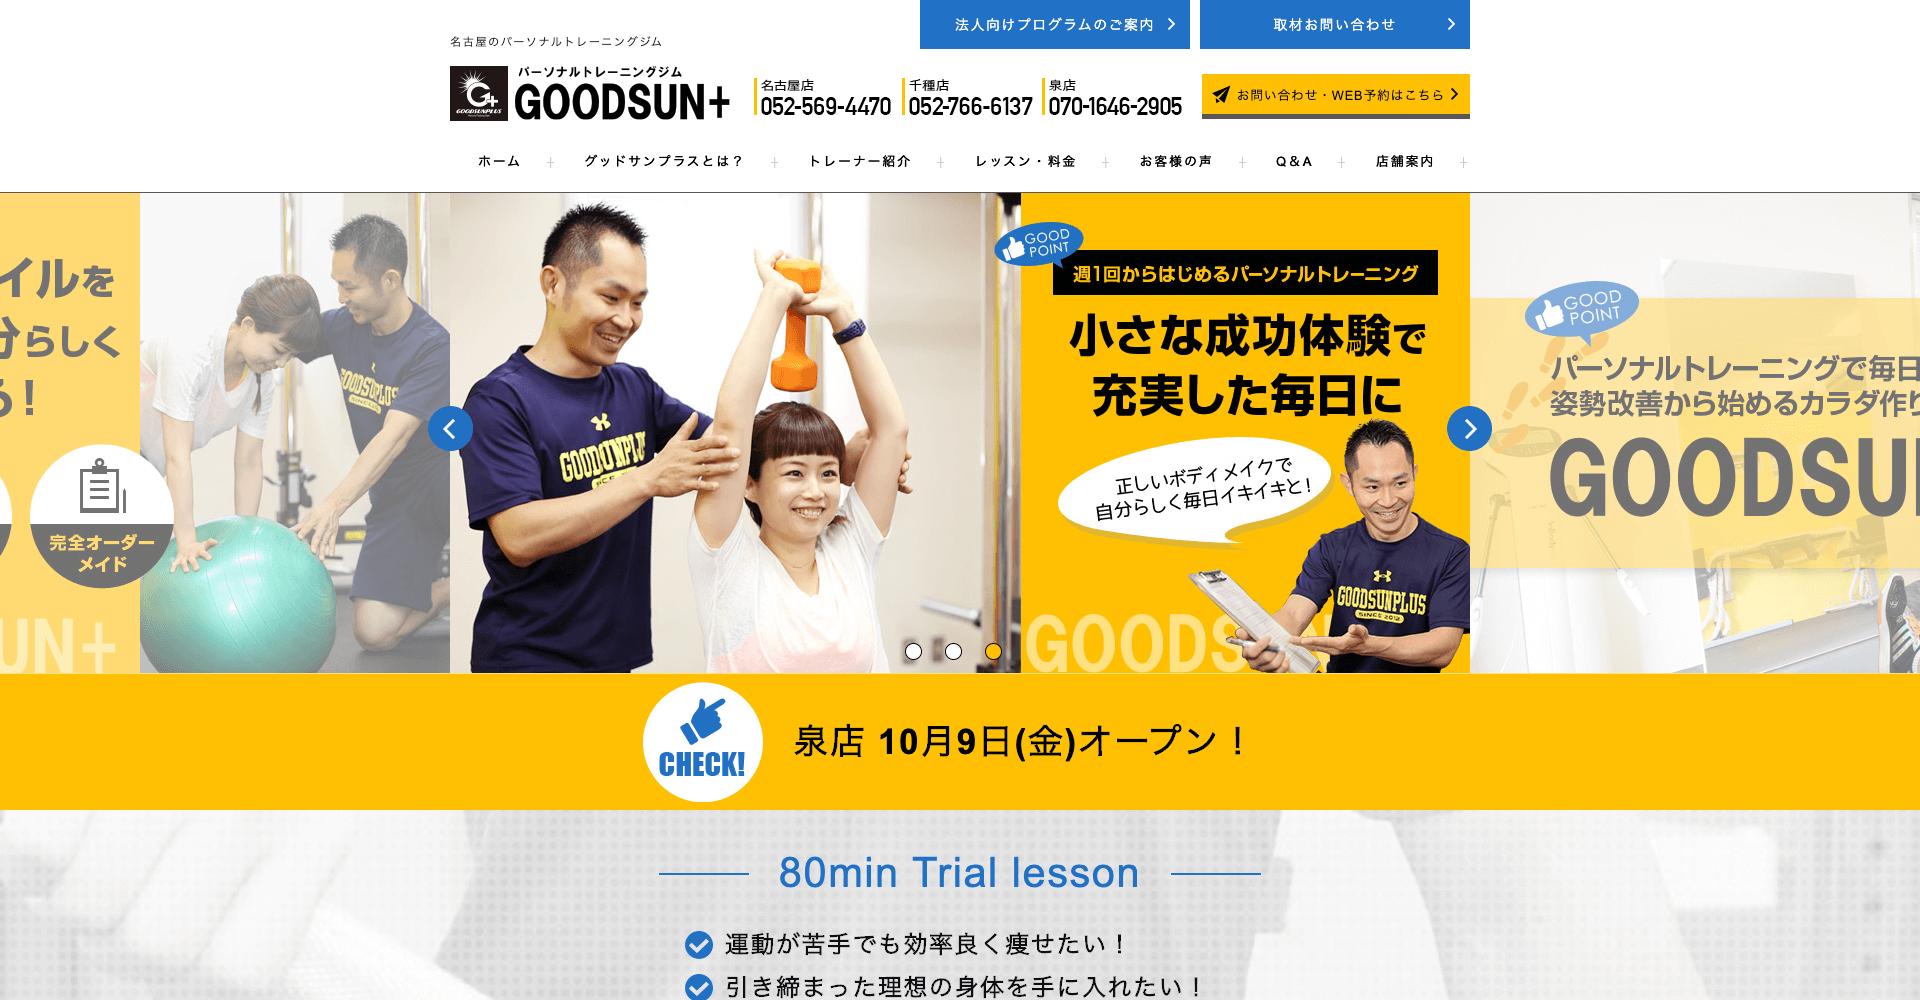 パーソナルトレーニングスタジオGood-Sun+